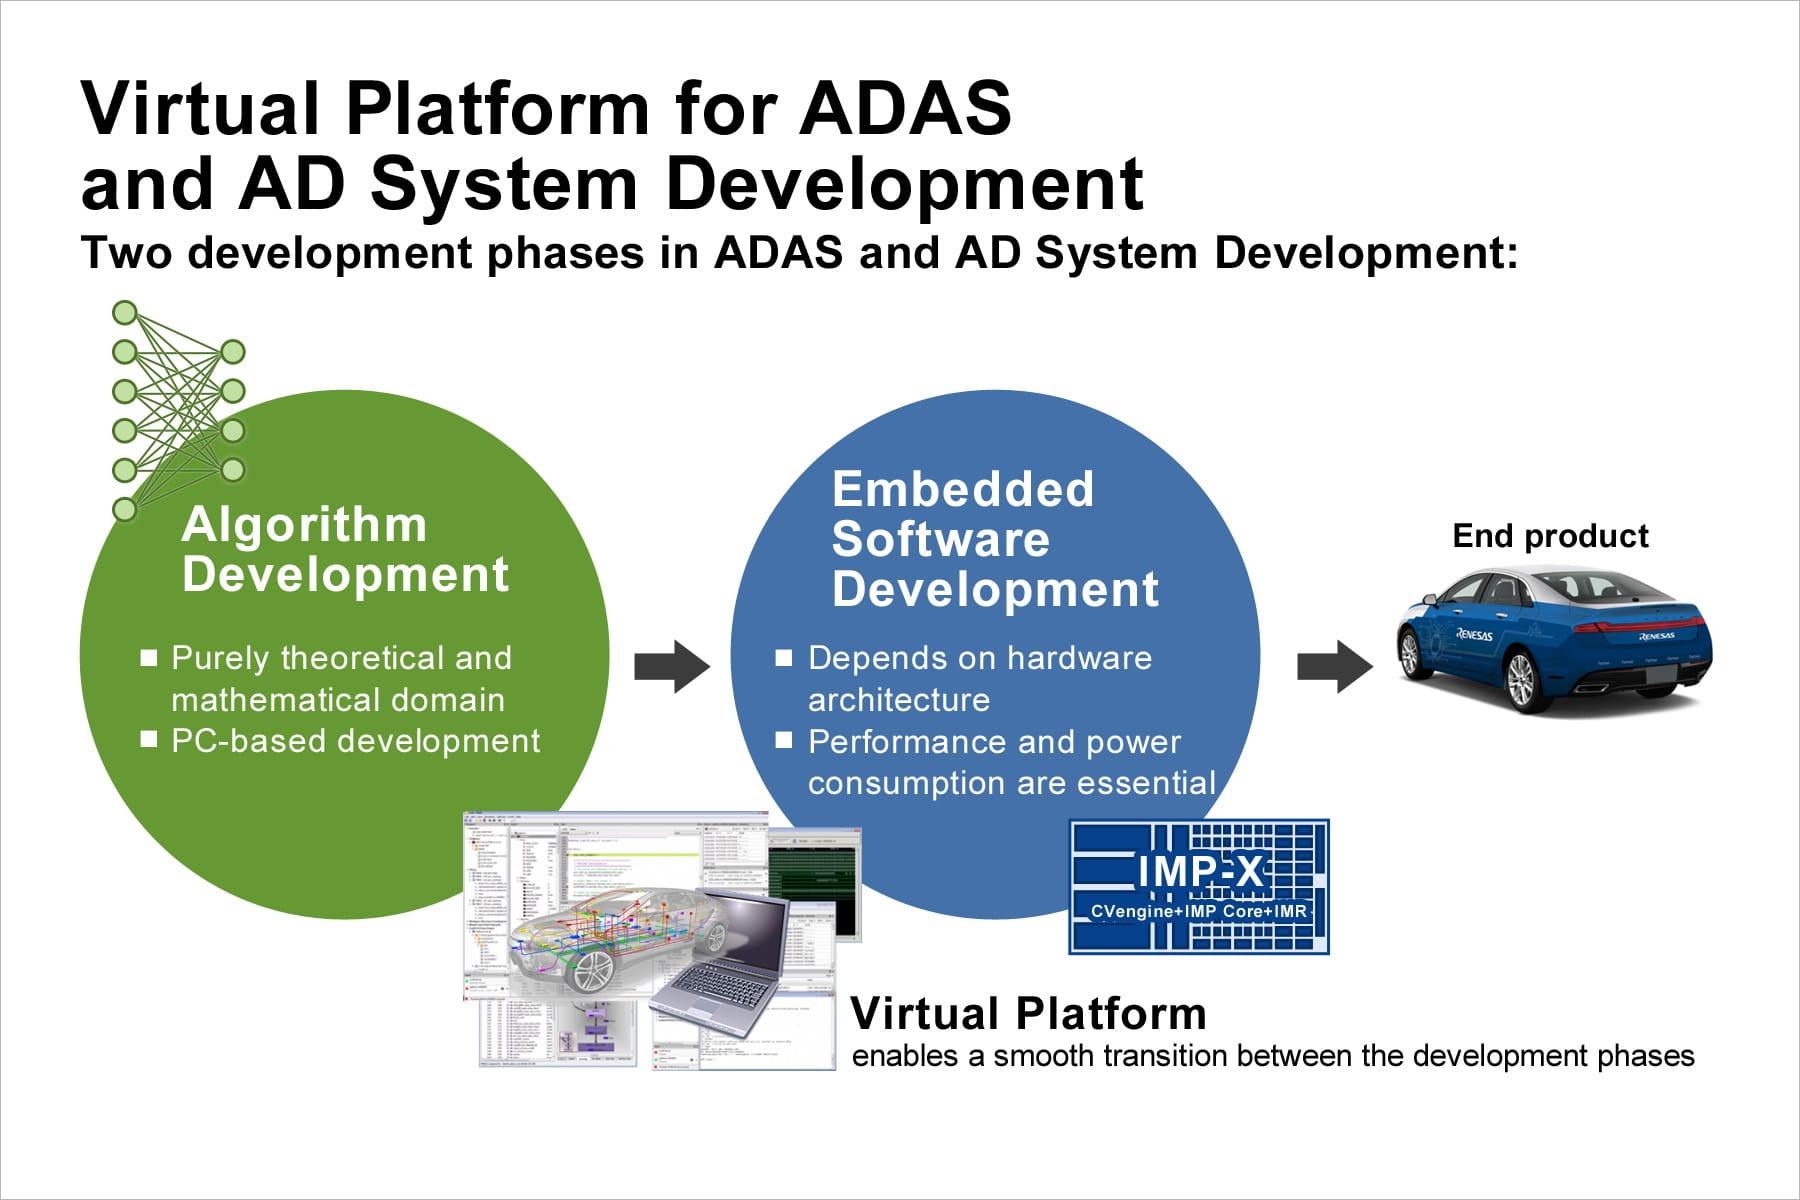 瑞萨电子和ASTC加快用于带R-Car V3M虚拟平台的智能摄像头的软件开发